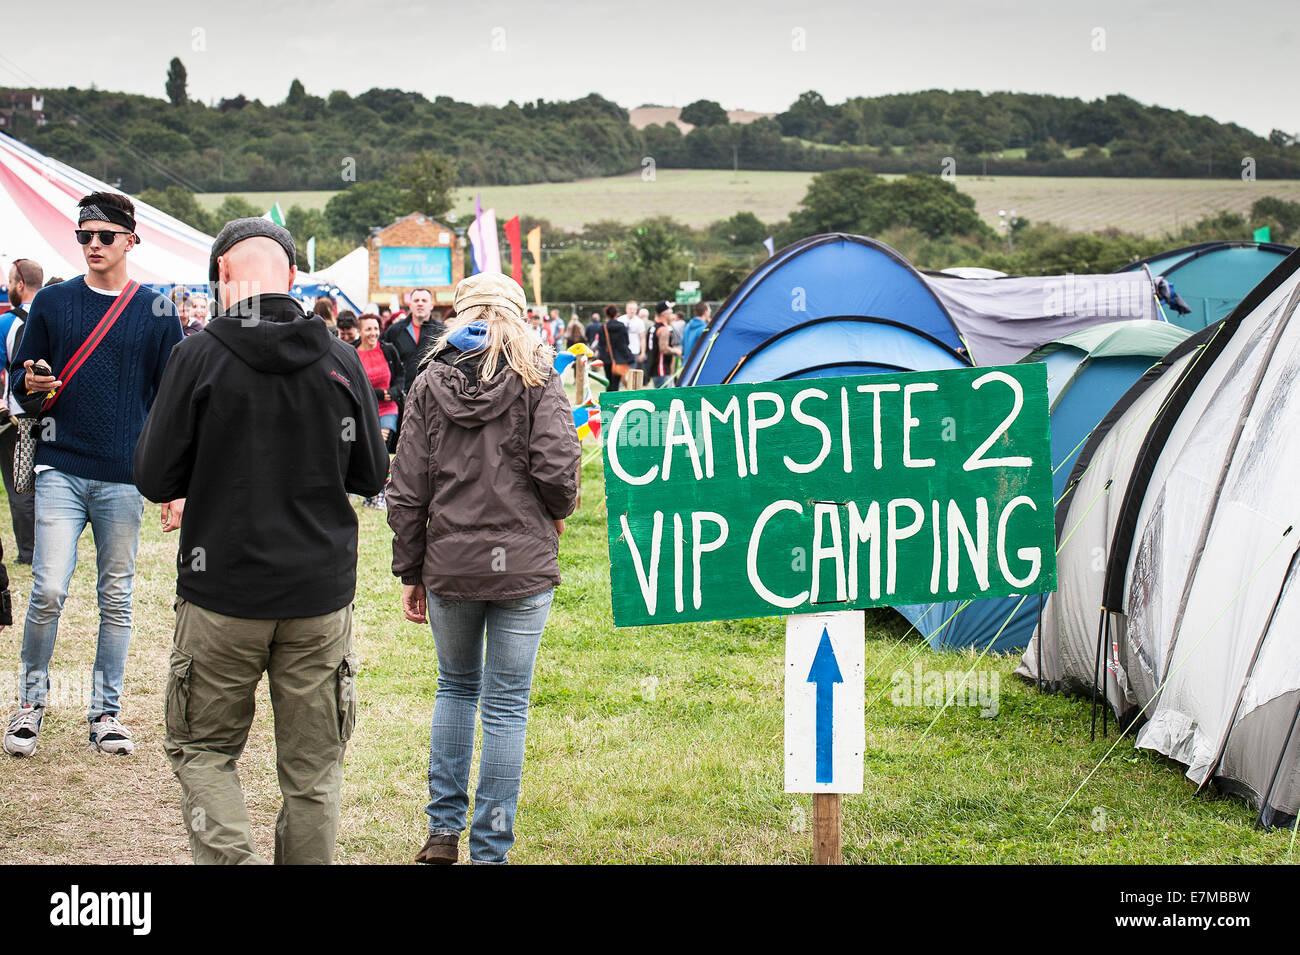 Un panneau indiquant l'accueil VIP de camping au Festival Brownstock dans l'Essex. Photo Stock